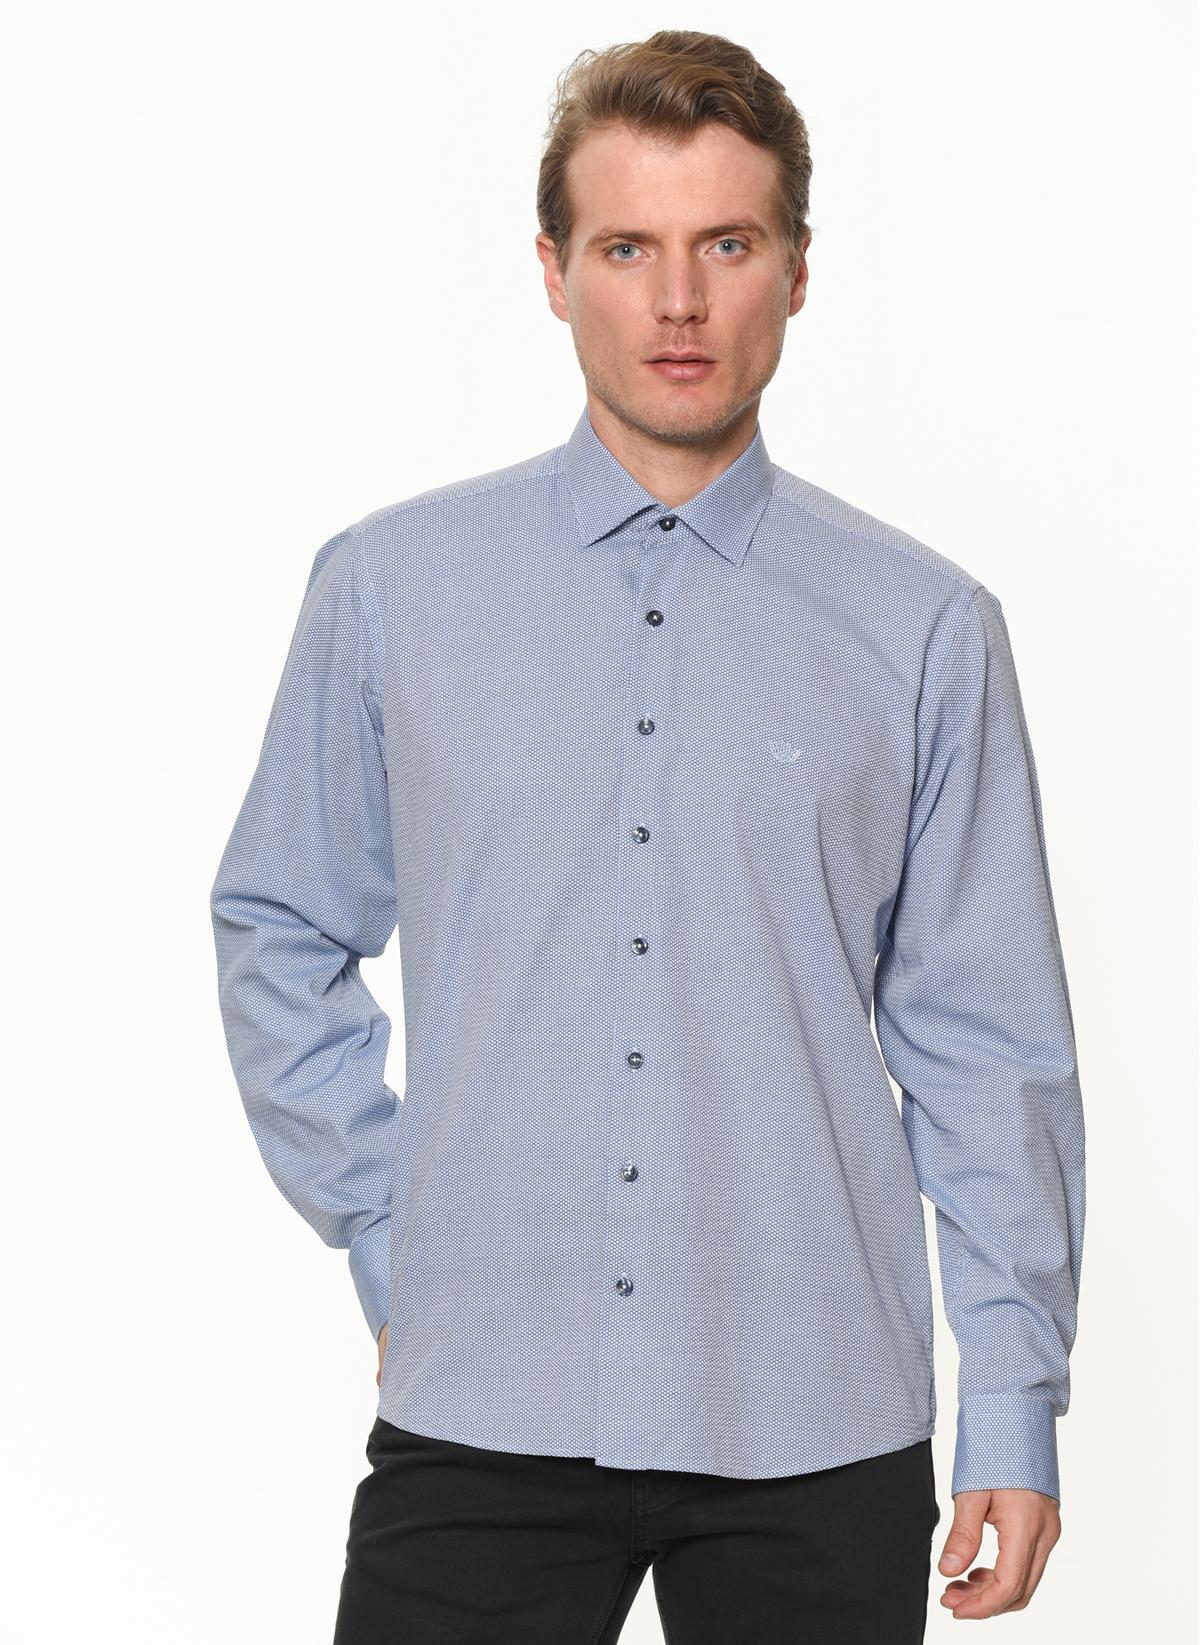 Beymen Business Gömlek XL 5001698346006 Ürün Resmi